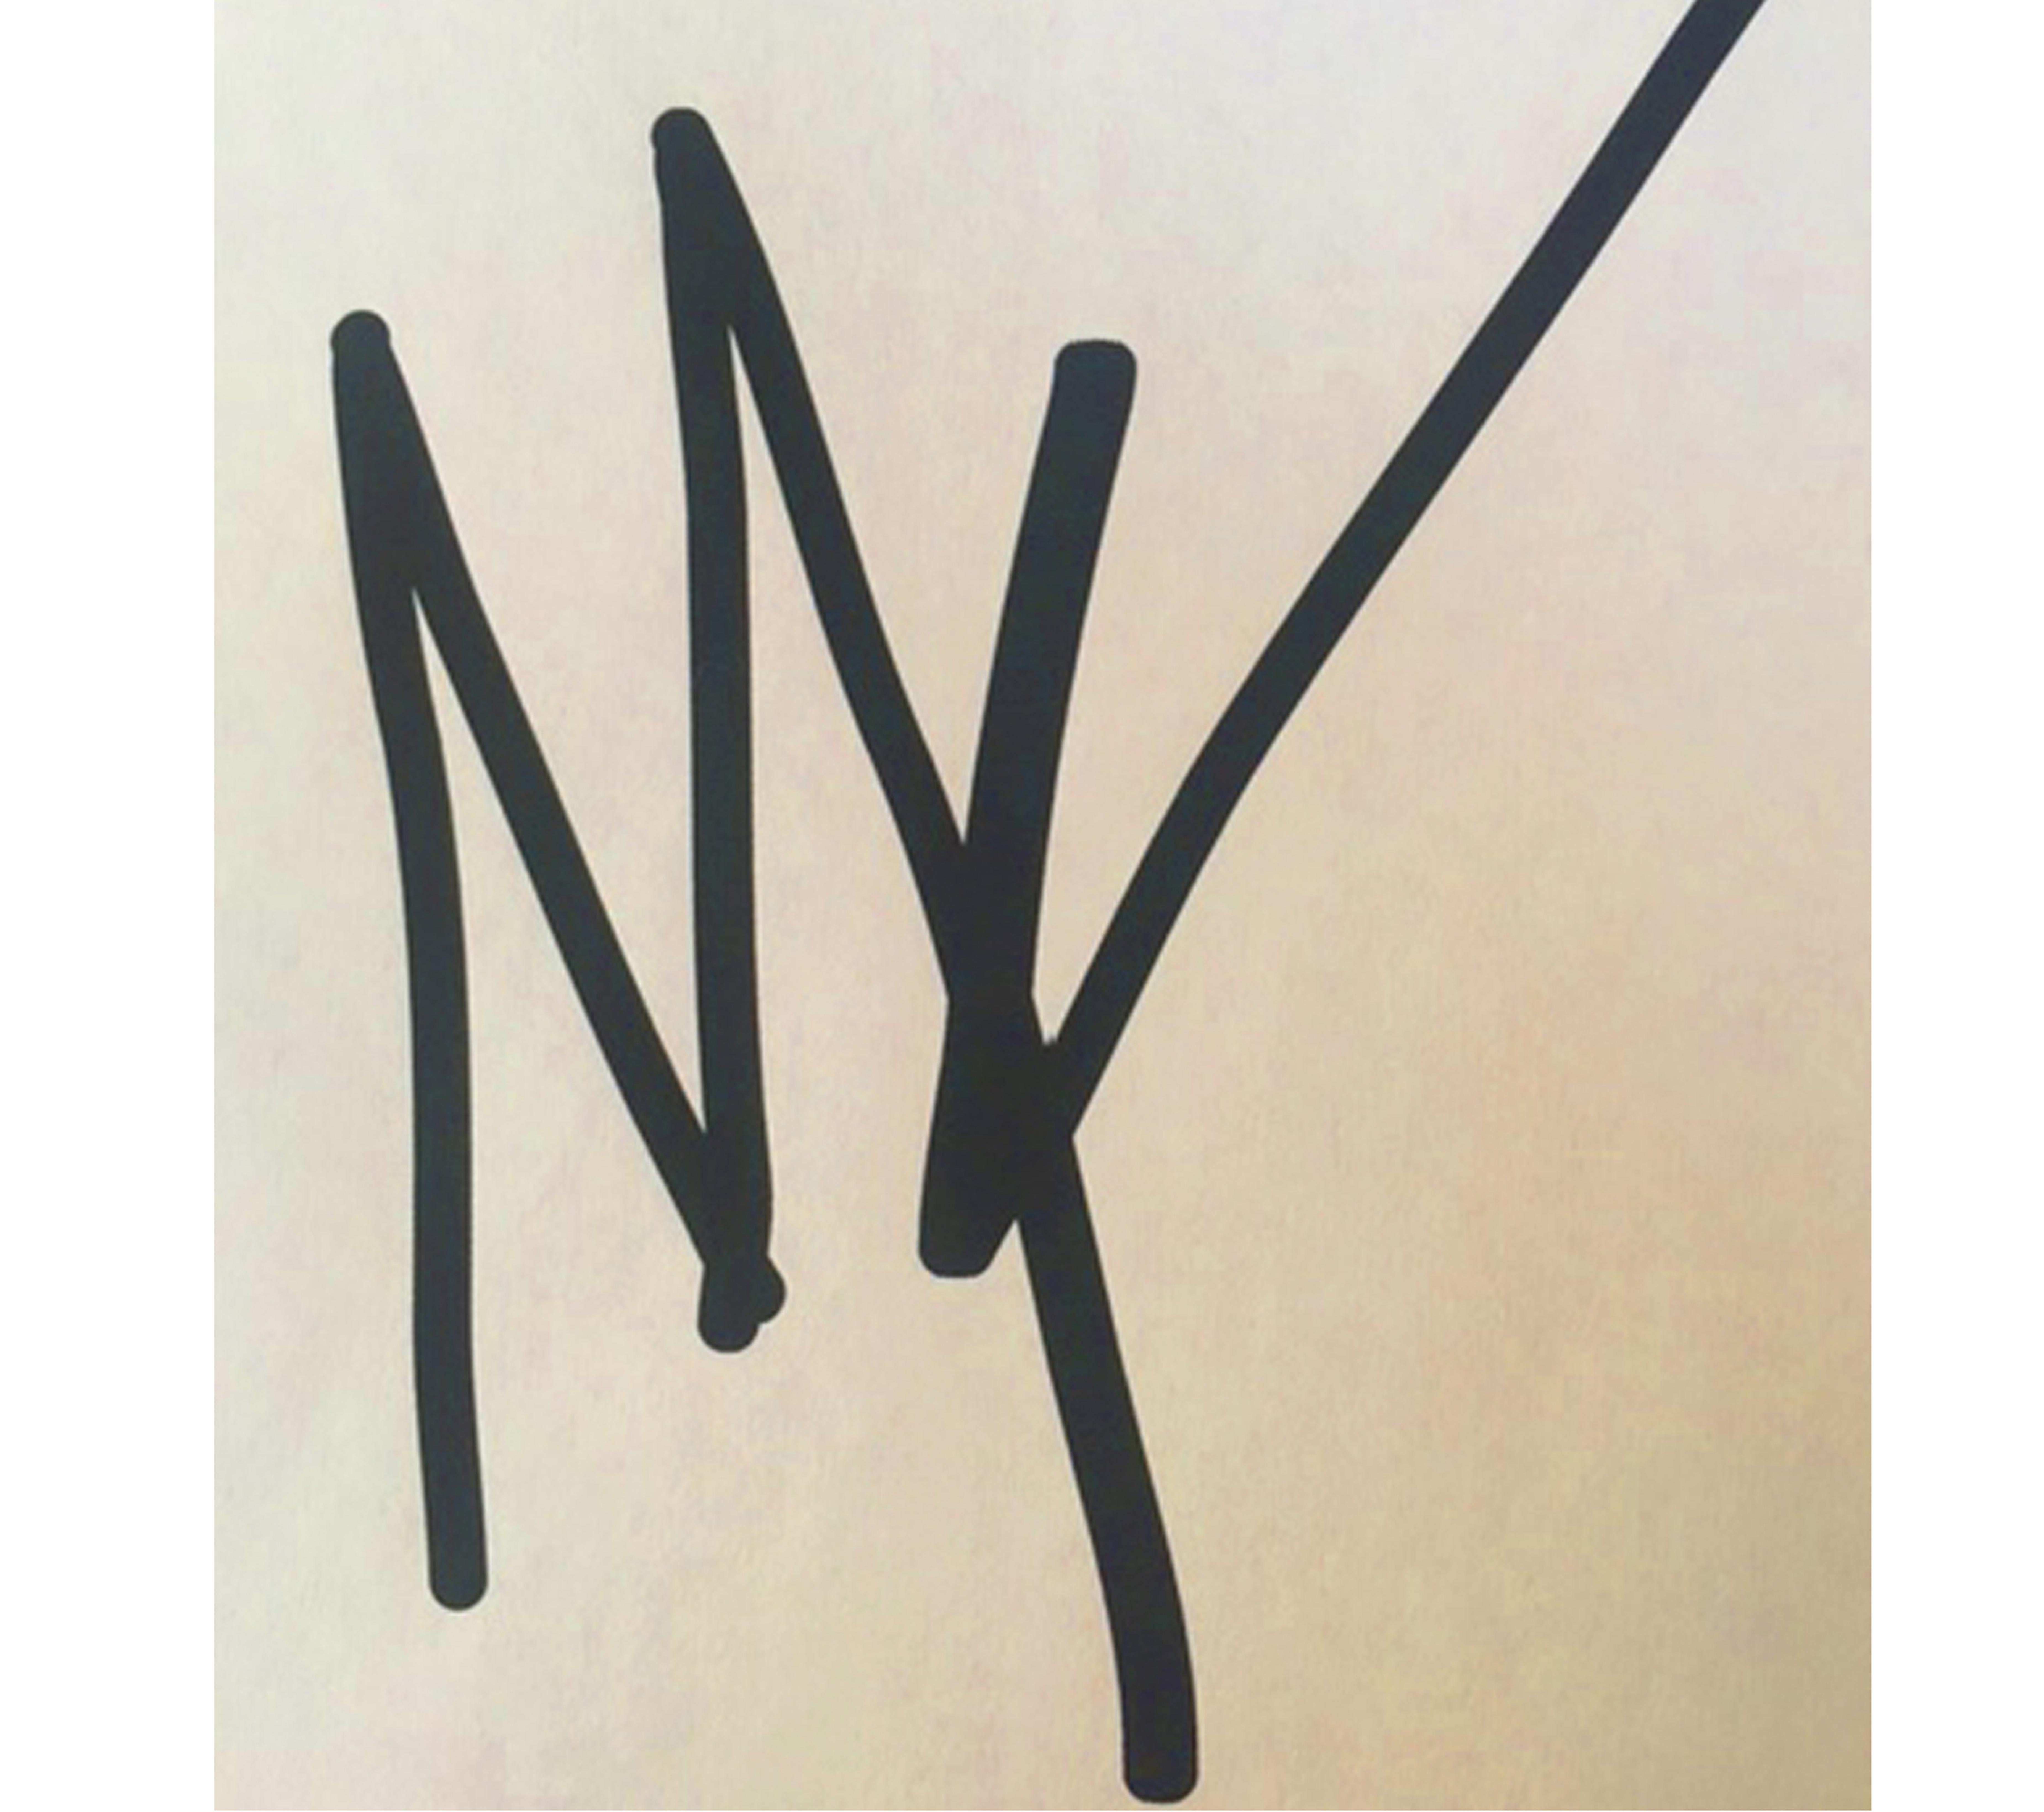 Michael McGuire's Signature